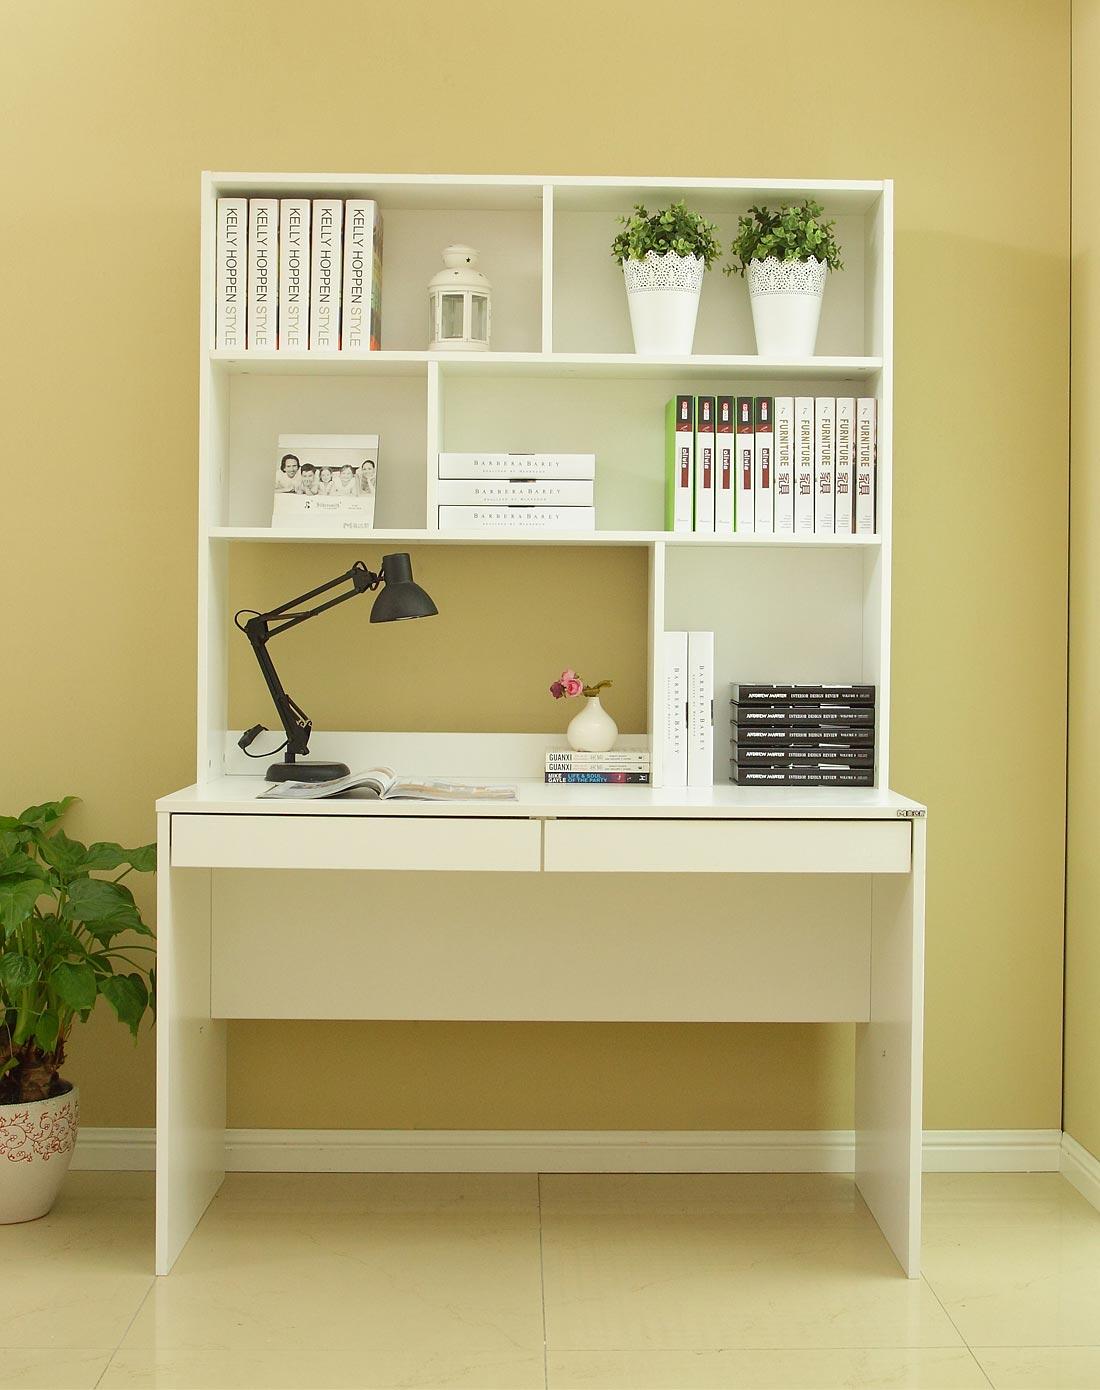 批发零售简洁书柜电脑桌 书橱书架书桌台式电脑桌学生